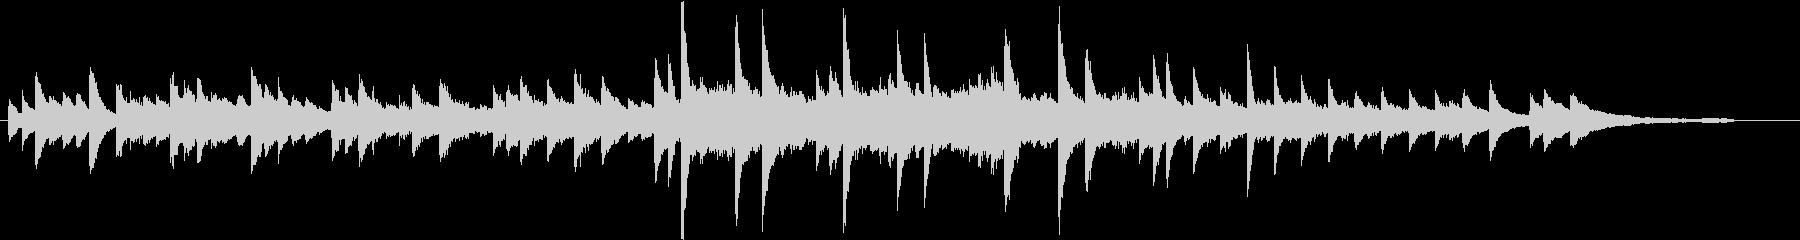 うっとり♪エレガントな秋のピアノBGMの未再生の波形